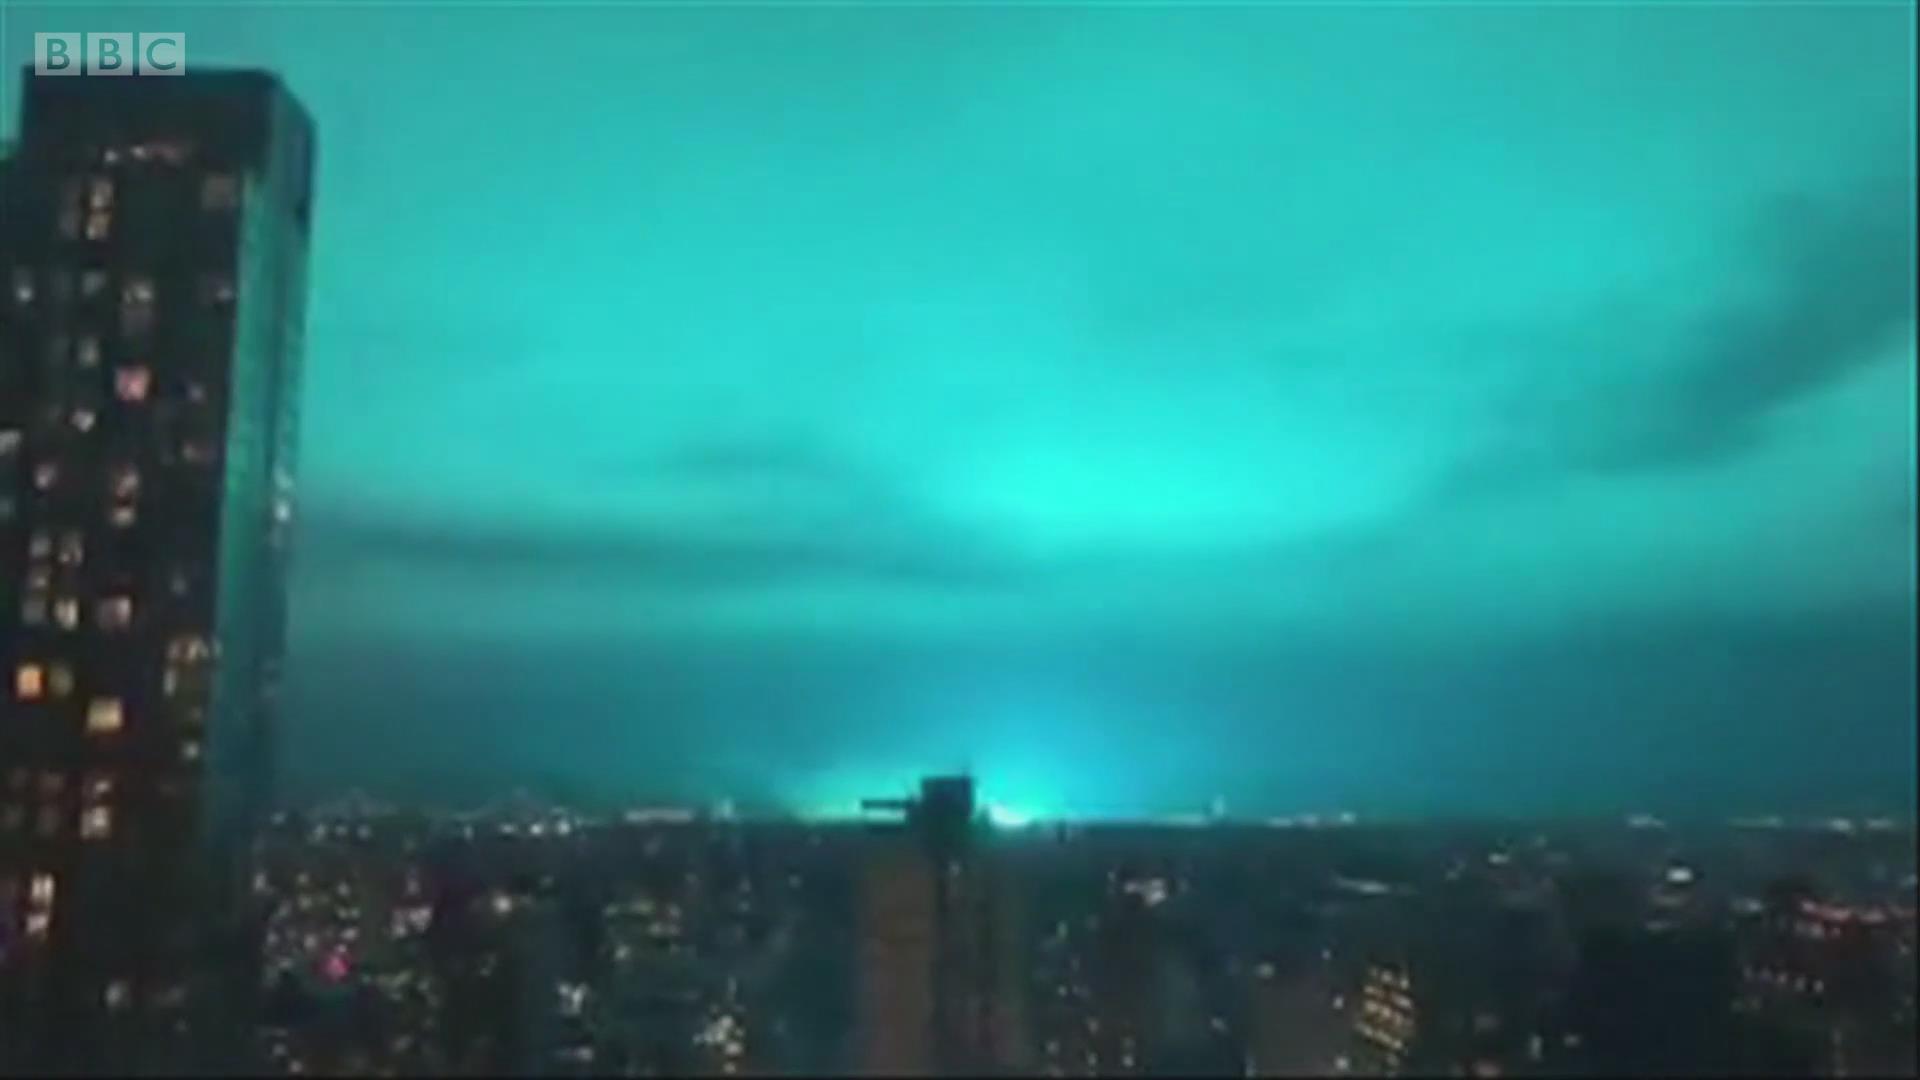 纽约的夜晚为何会出现蓝天?